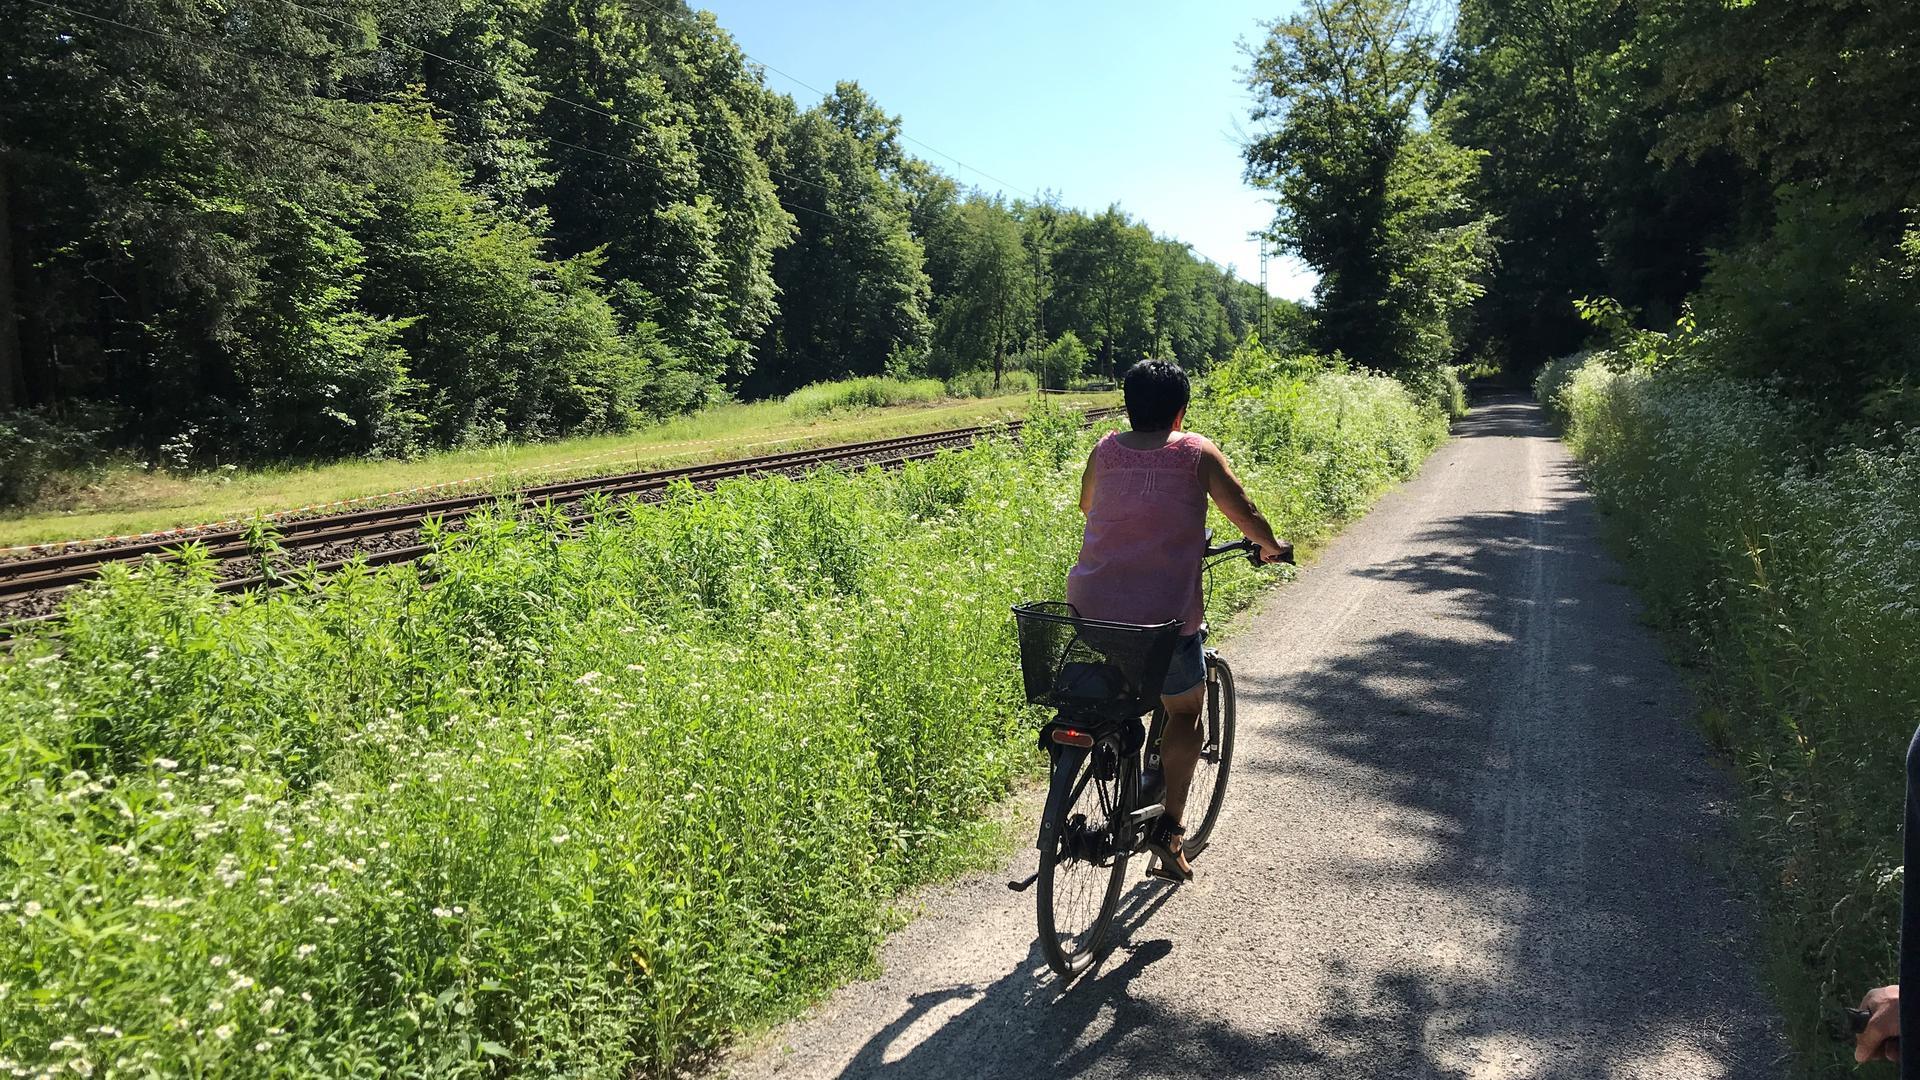 Beliebte Verbindung: Von Bulach entlang der Bahn über den Kutschenweg zum Epplesee. Manche Radfahrer hätten gerne statt Splitt Asphalt auf der Strecke.